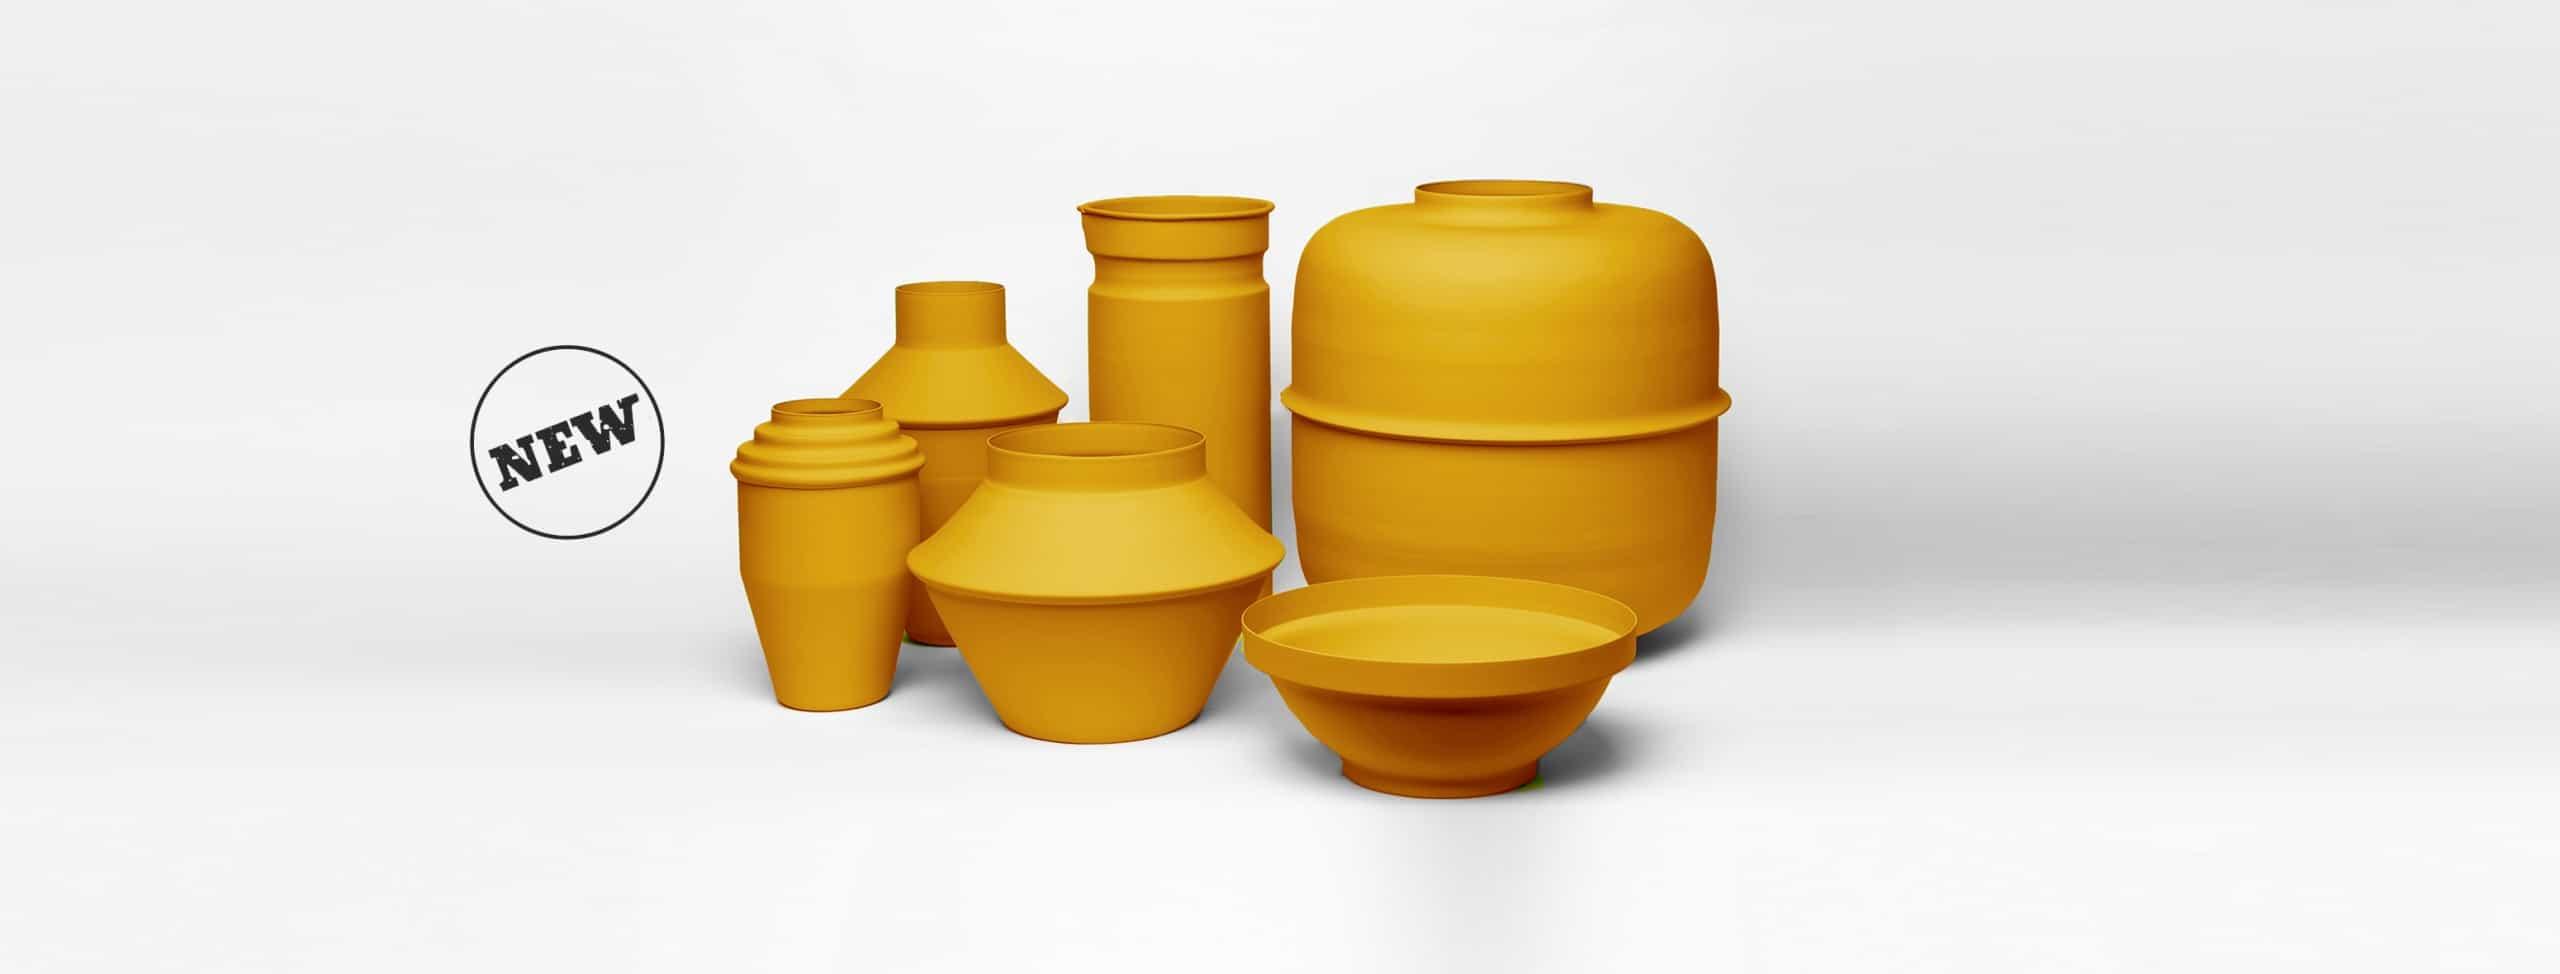 עציץ קקטוס כדים כדי מתכת בצבע חרדל צהוב